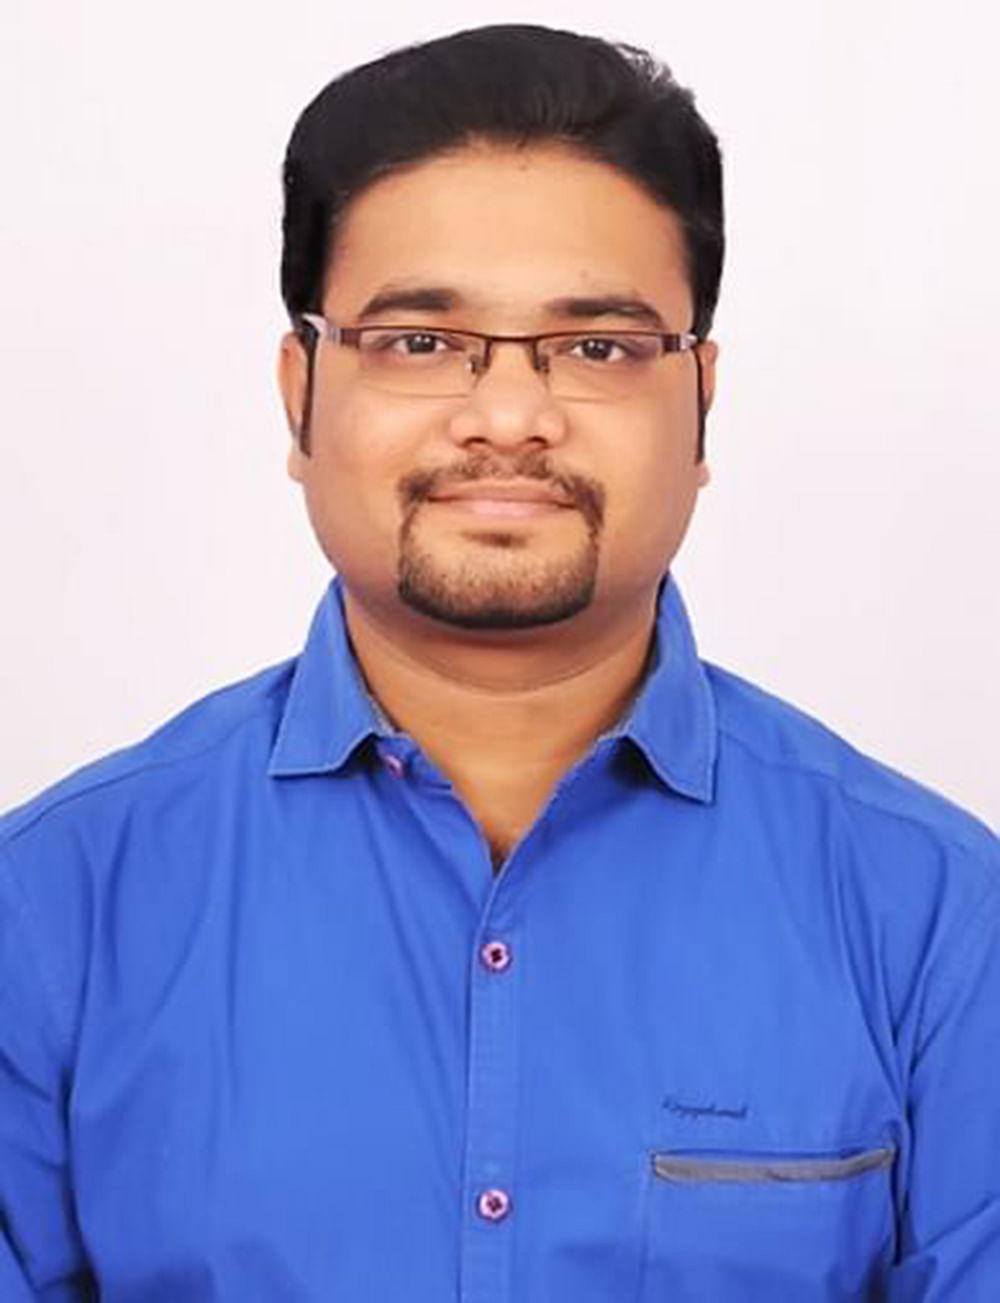 vikram Tamil News Spot